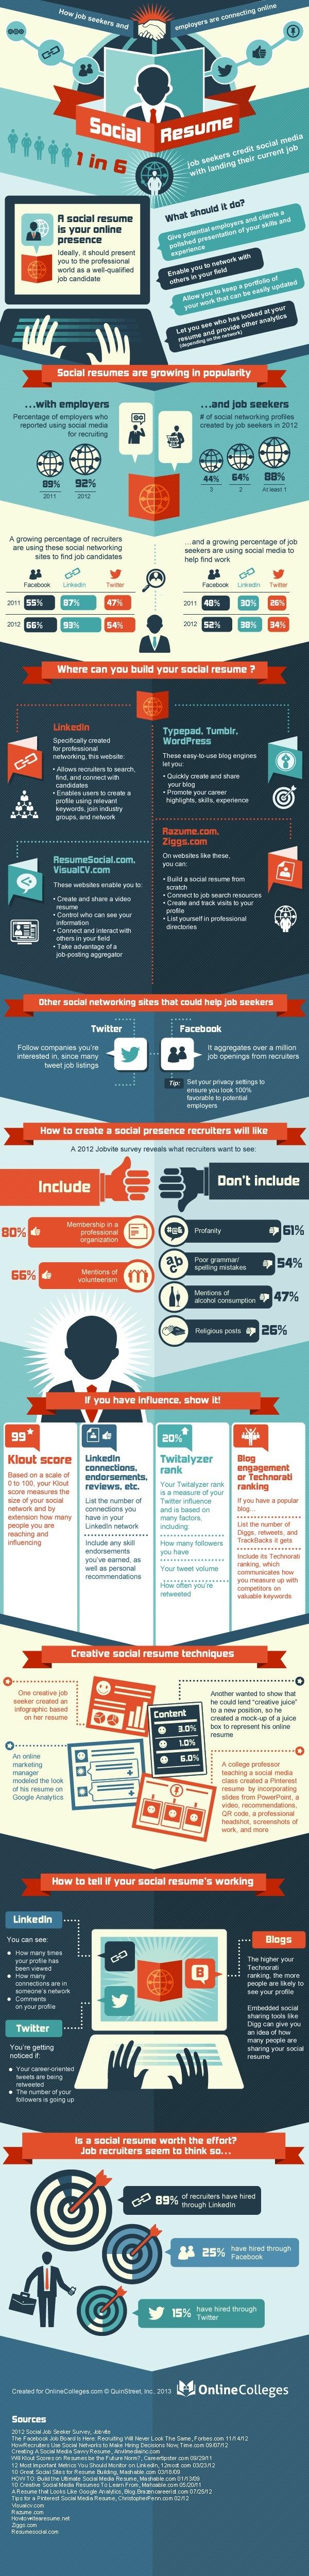 infographie-trouver-un-job-reseaux-sociaux